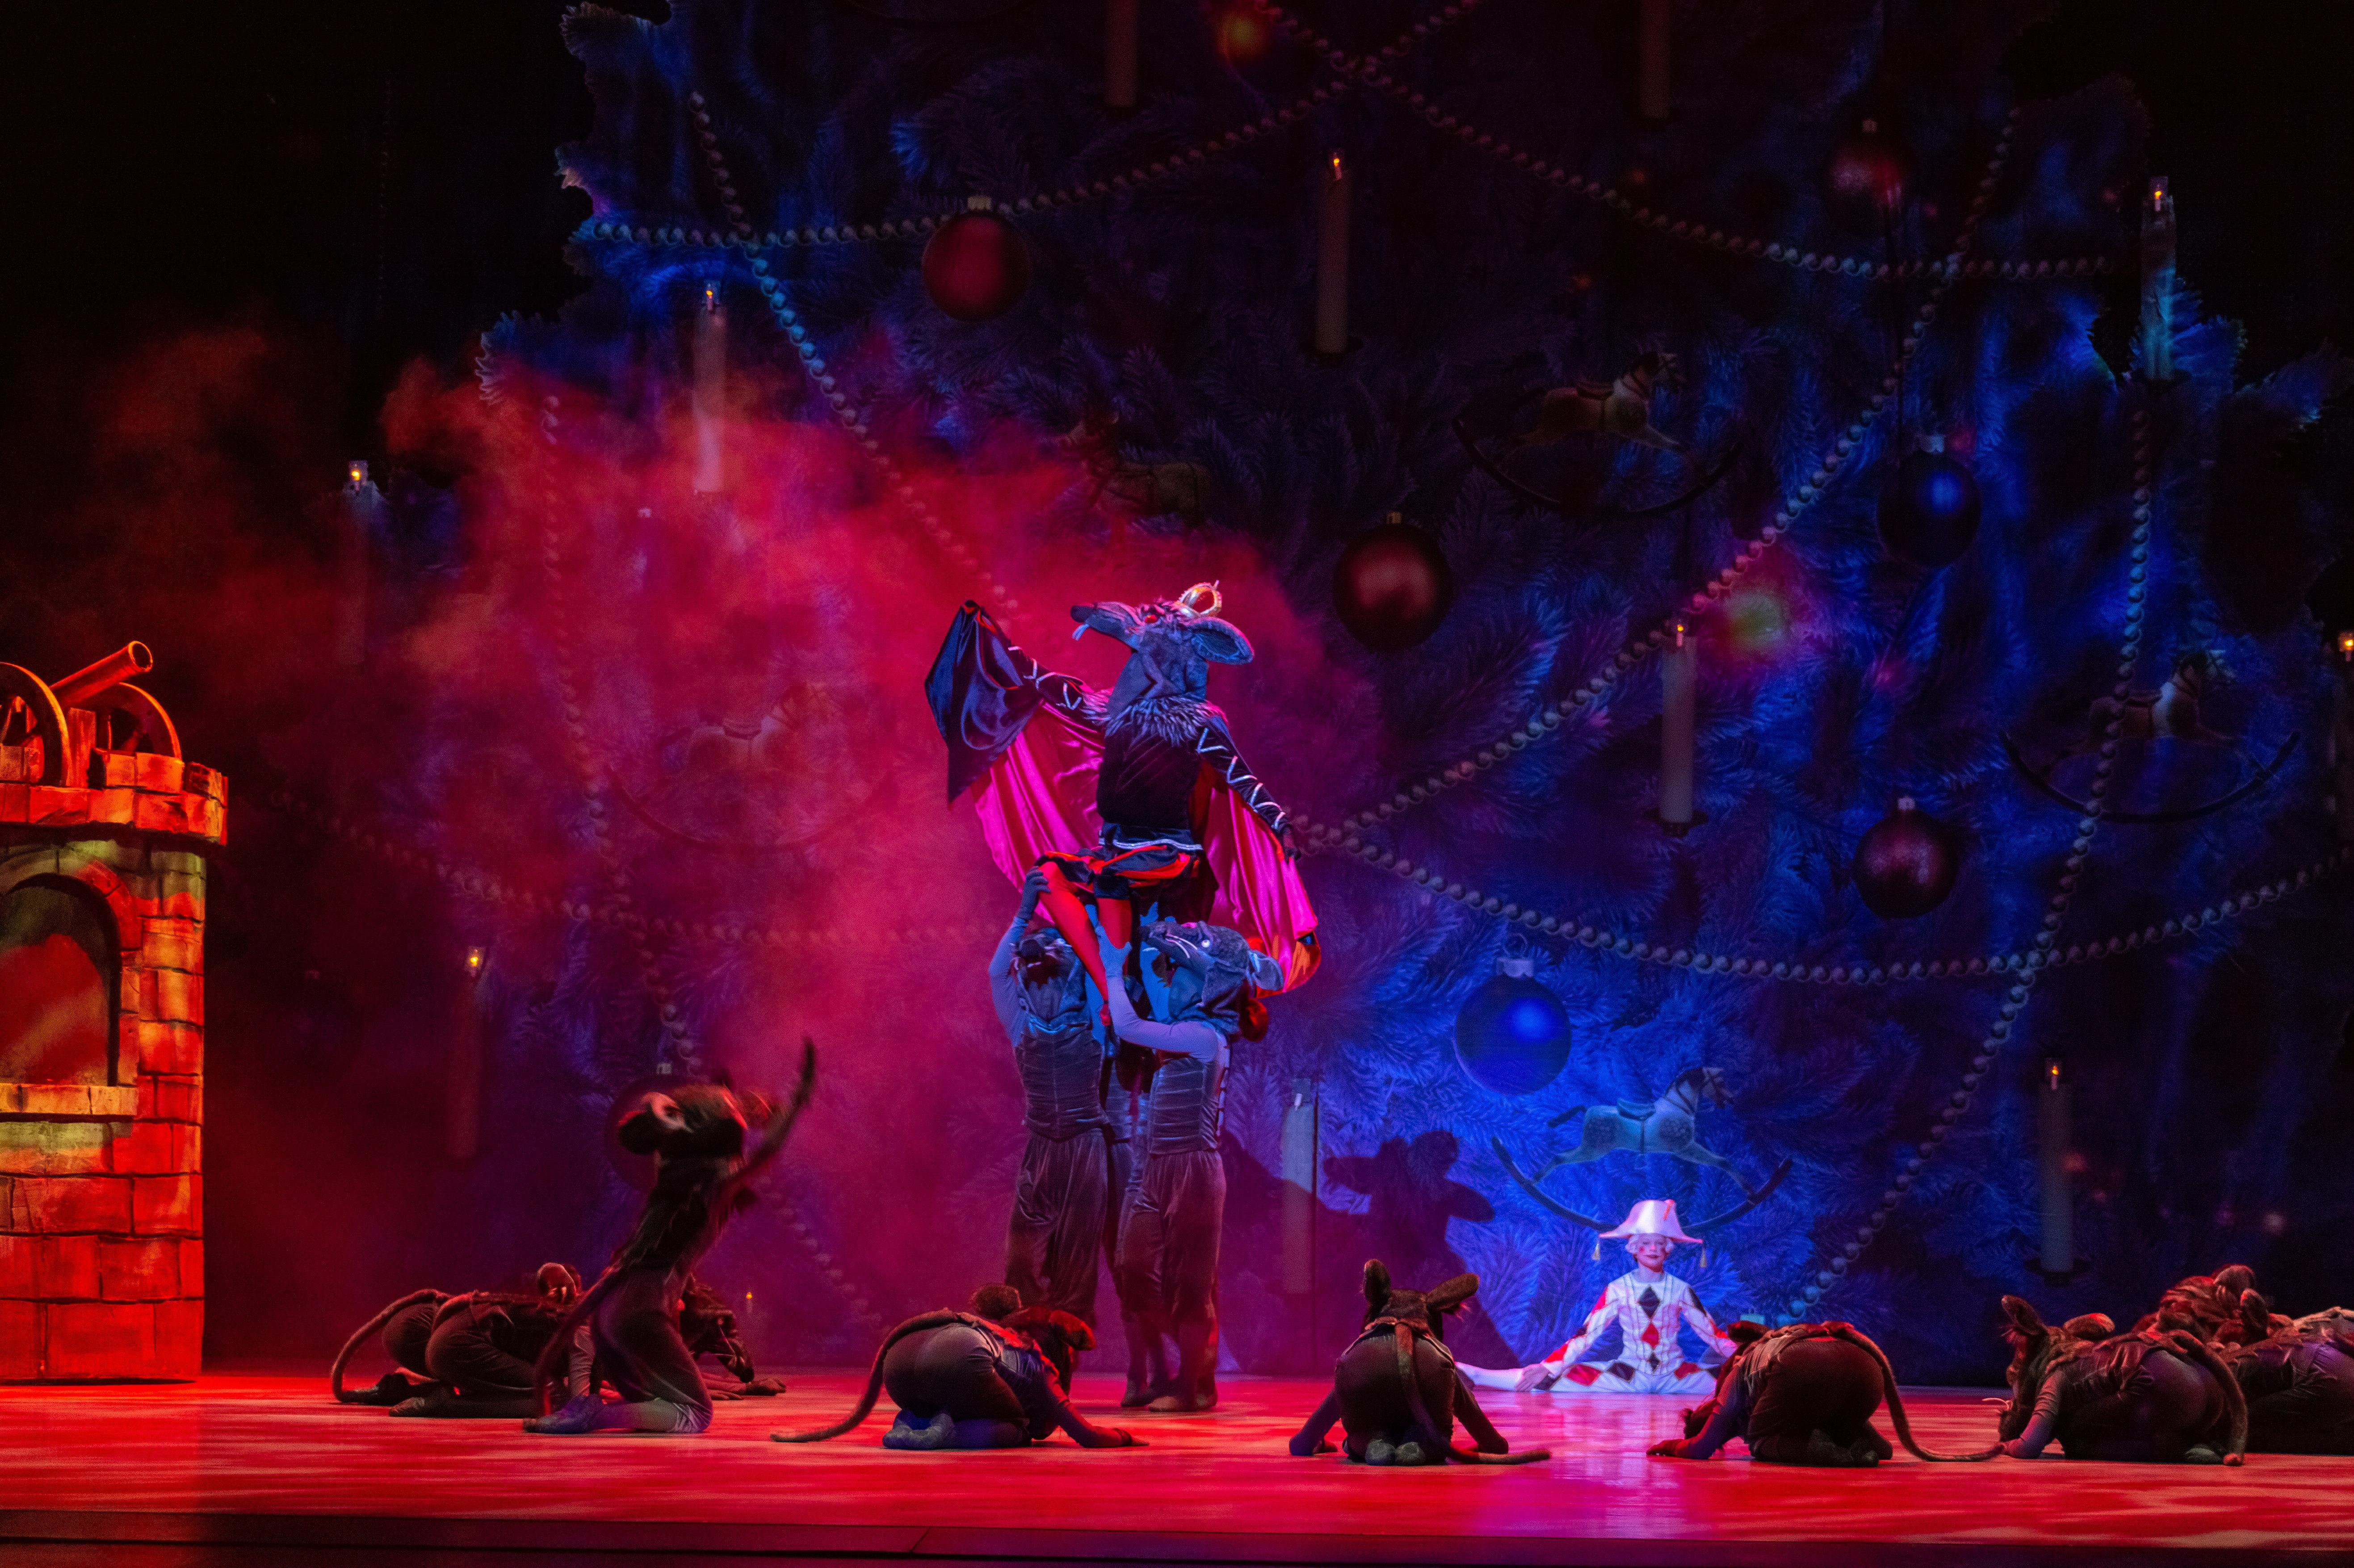 Астана балет театрындағы қойылым кезінде түсірілген сурет